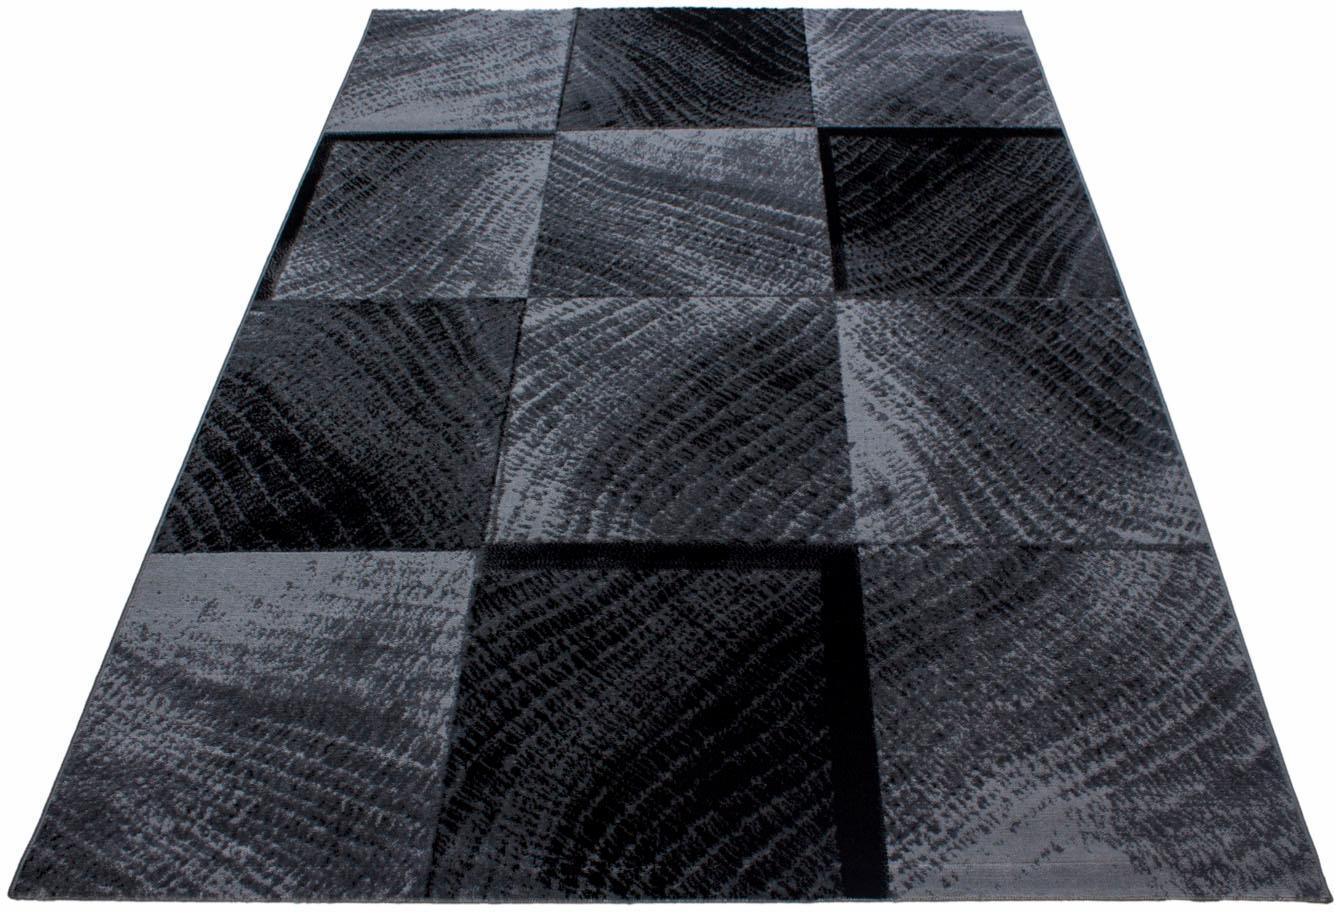 Teppich Plus 8003 Ayyildiz rechteckig Höhe 6 mm maschinell gewebt